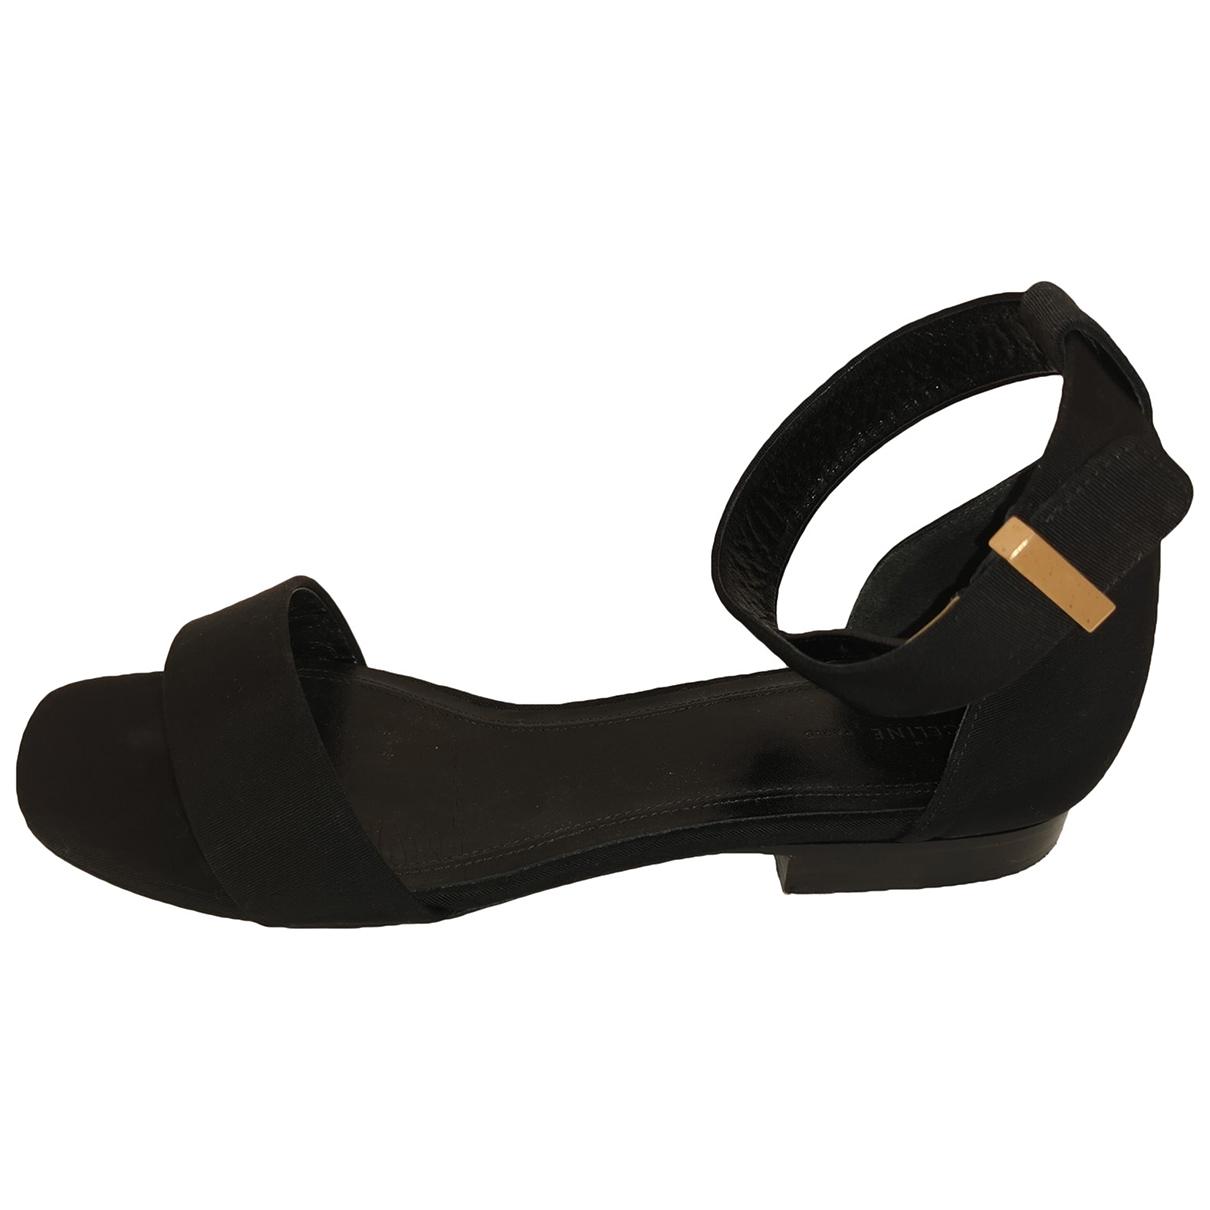 Sandalias romanas de Lona Celine